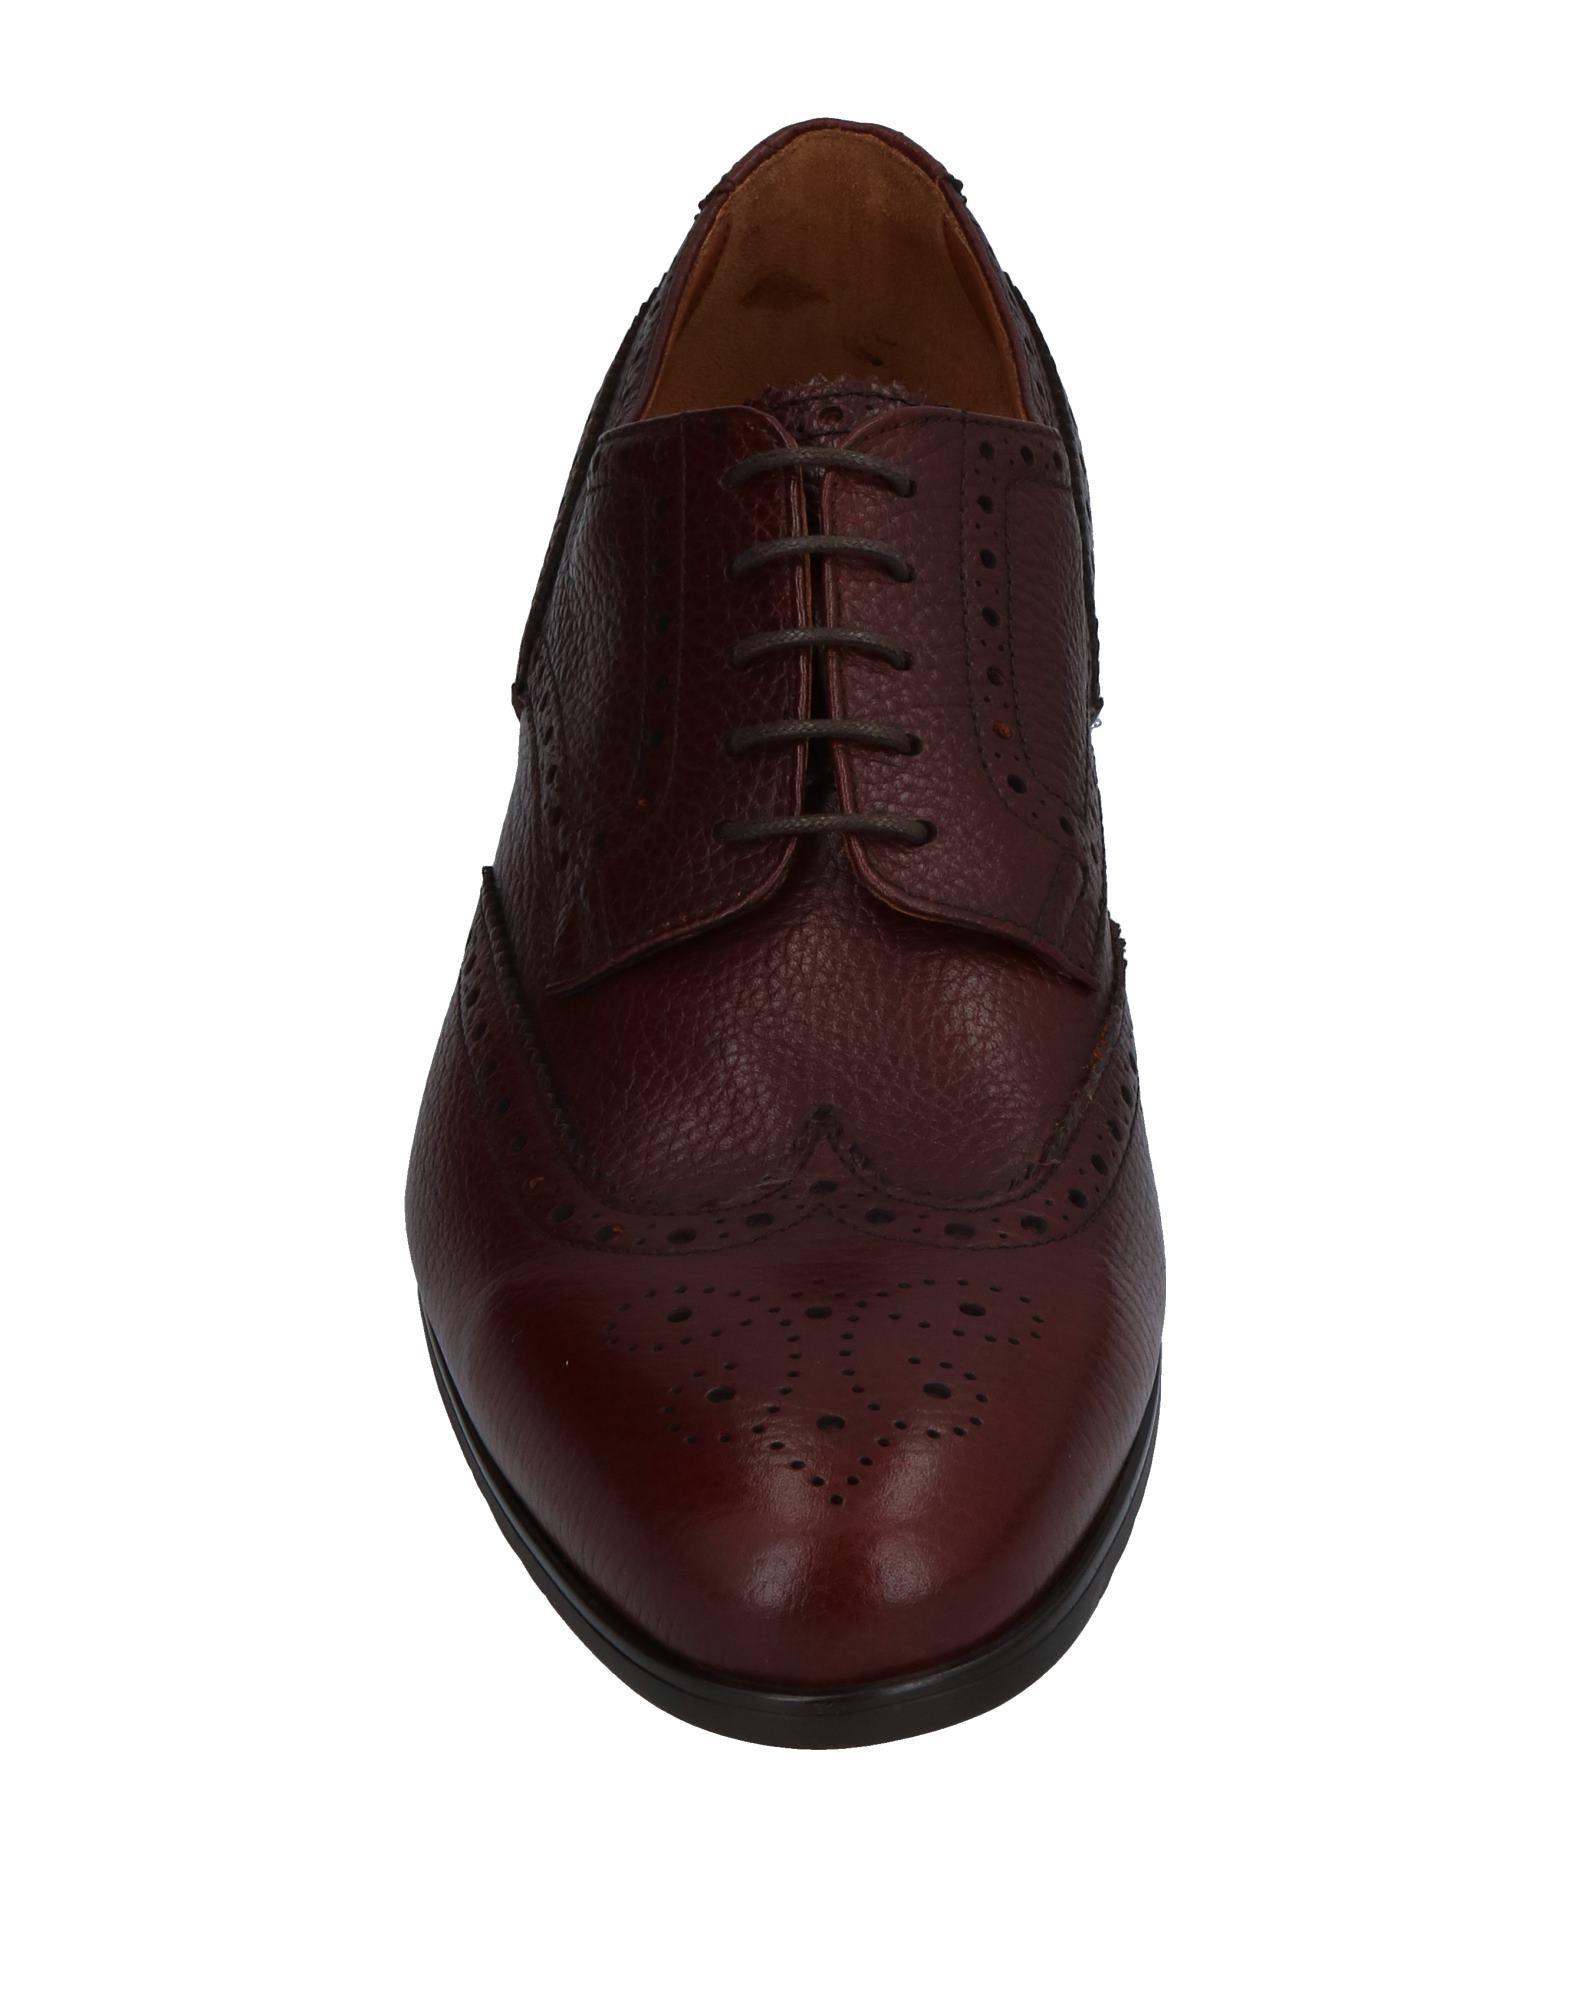 11391205LI Doucal's Schnürschuhe Herren  11391205LI  Heiße Schuhe df5720